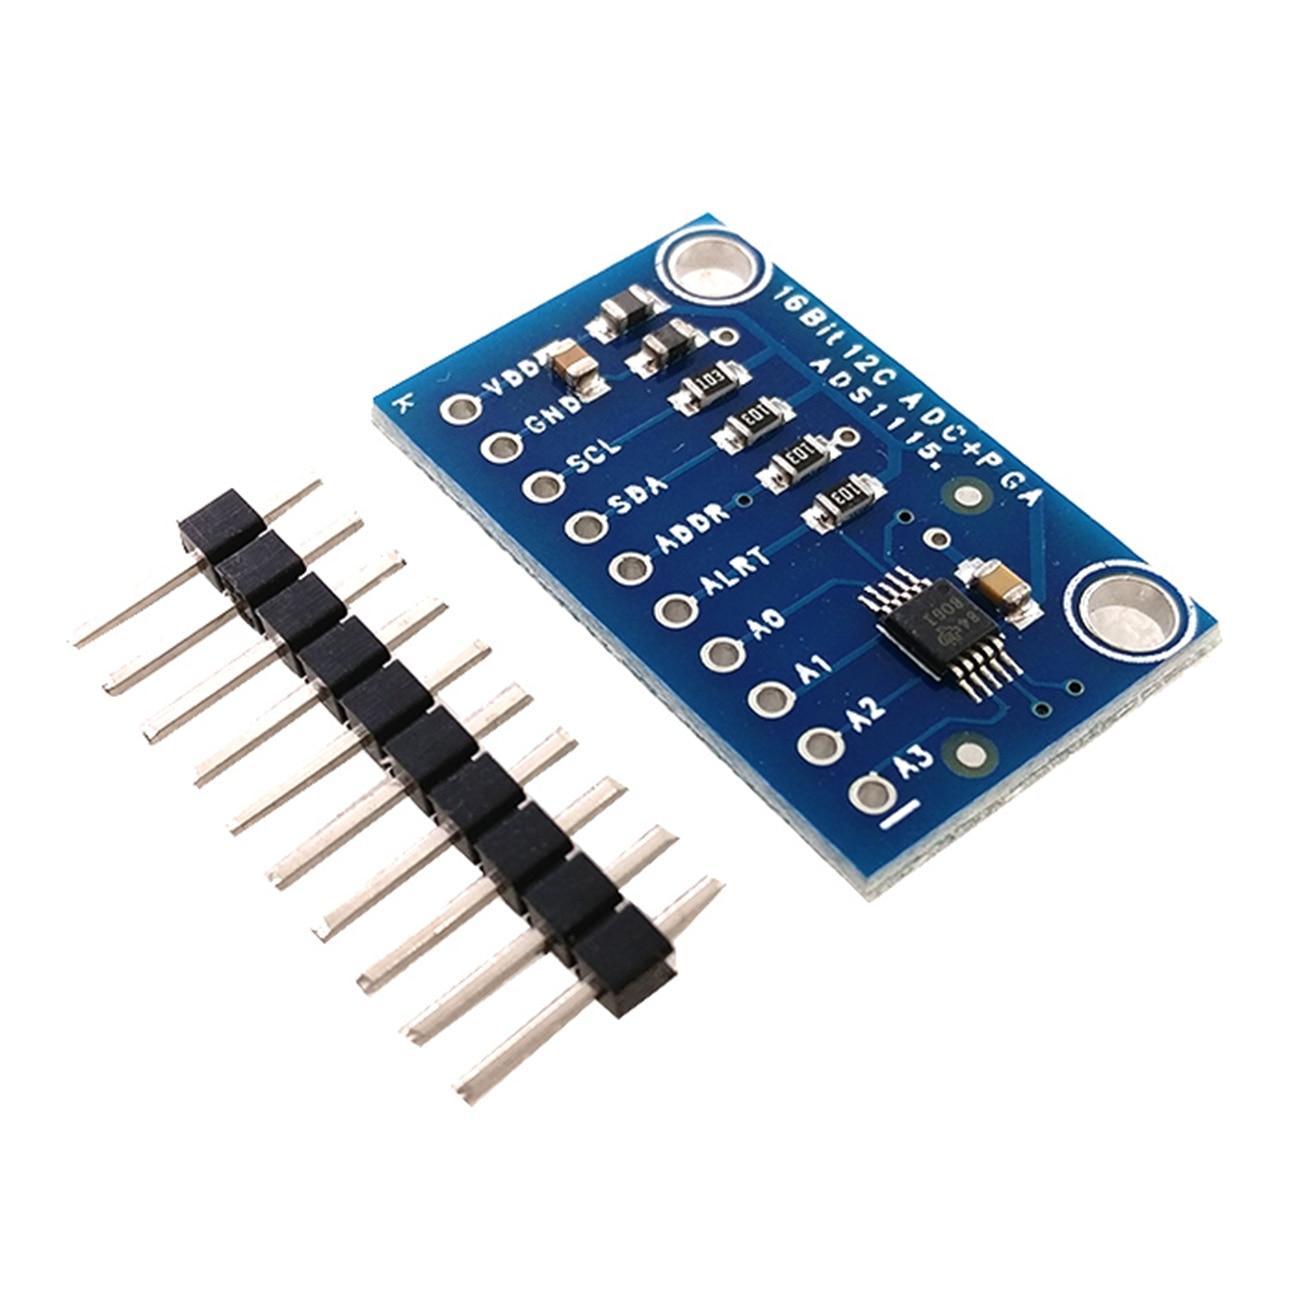 10 Uds. Módulo adc de 16 bits i2c ads1115 de 4 canales con amplificador de ganancia pro rpi